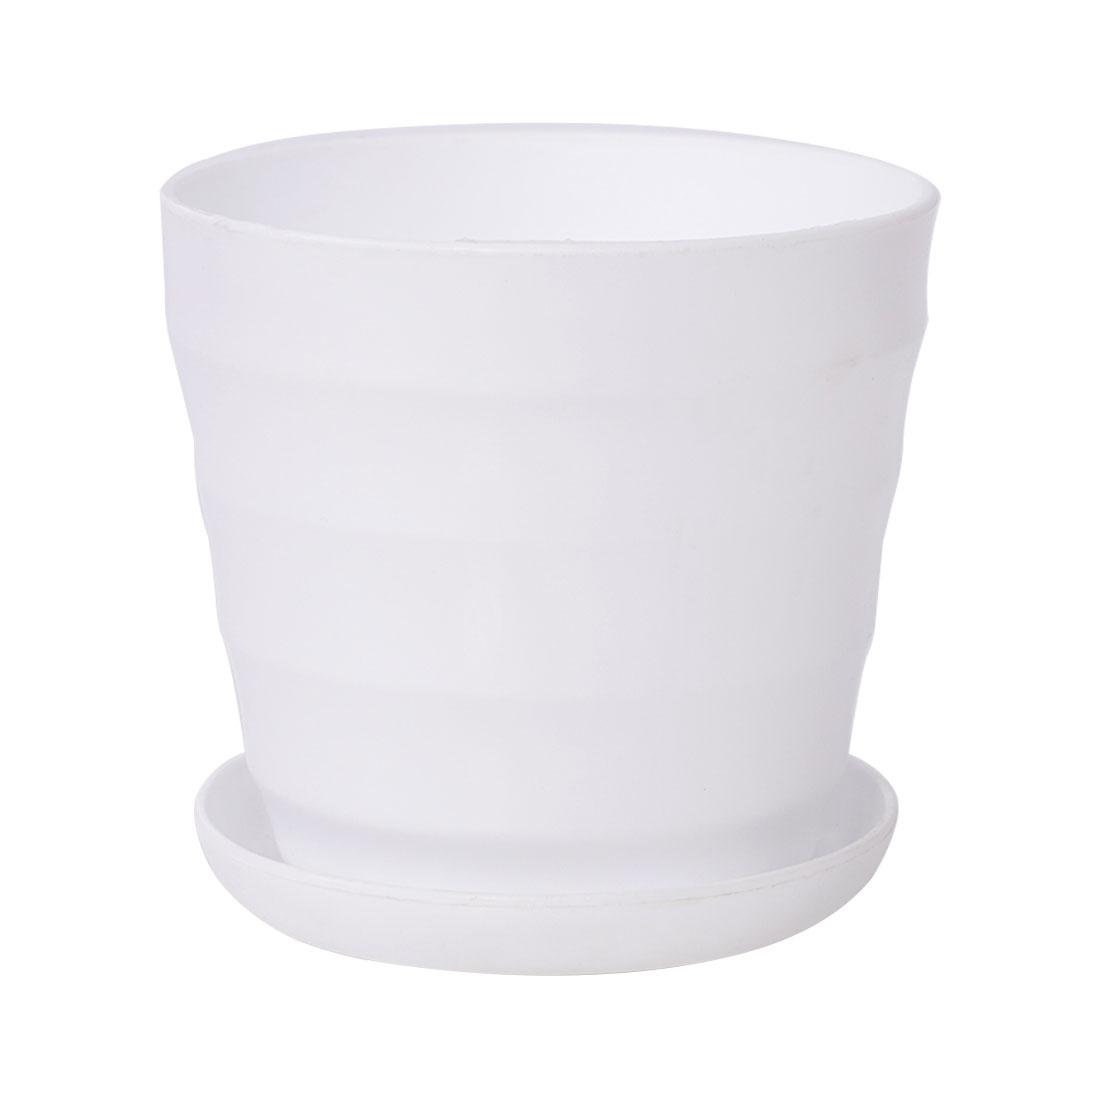 11cm Dia White Plastic Stripe Pattern Mini Garden Flower Pot Home Office Decor